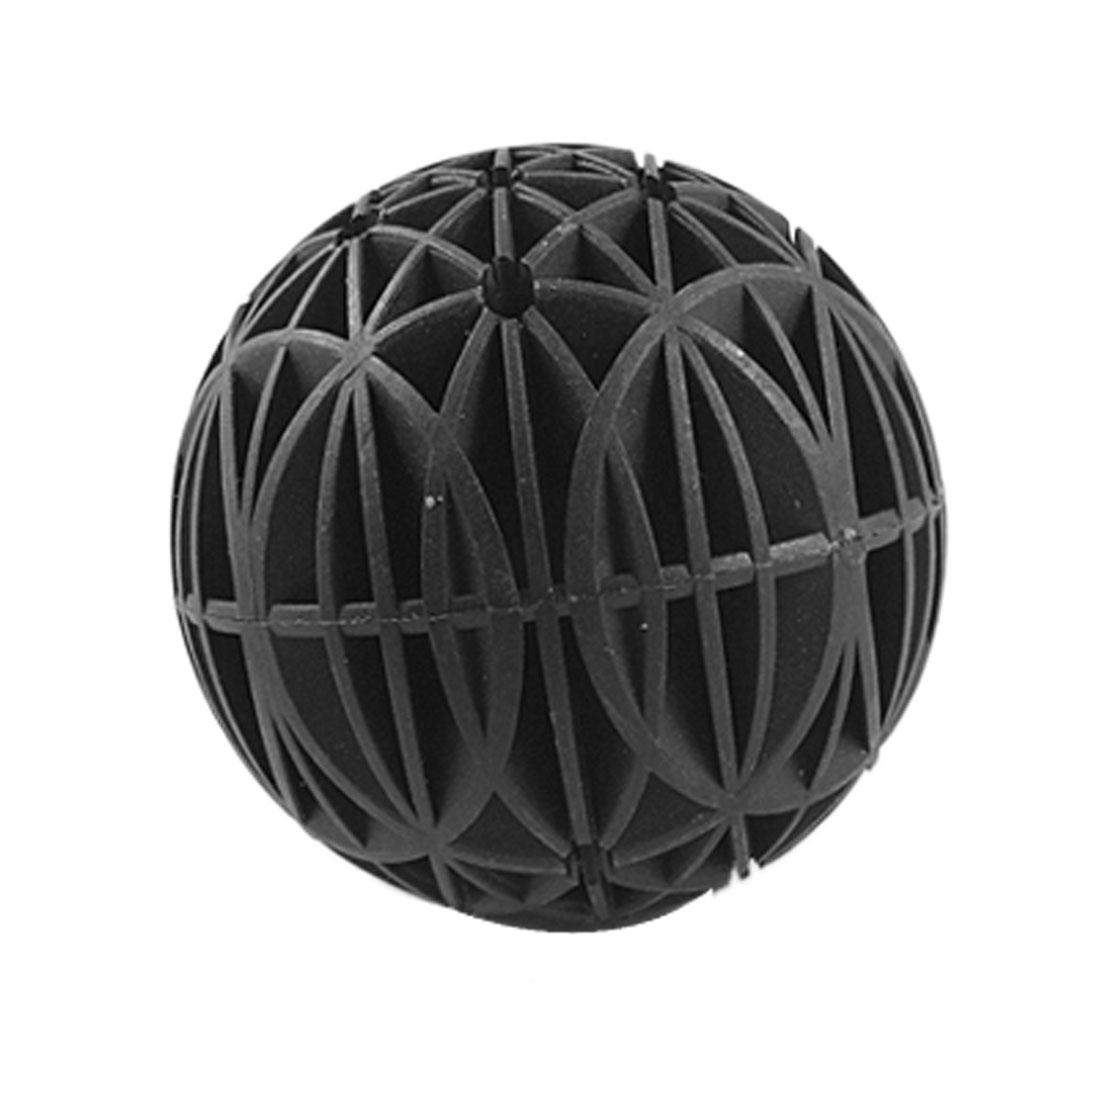 76mm Diameter Bio Ball Filter Media Black for Aquarium Pond